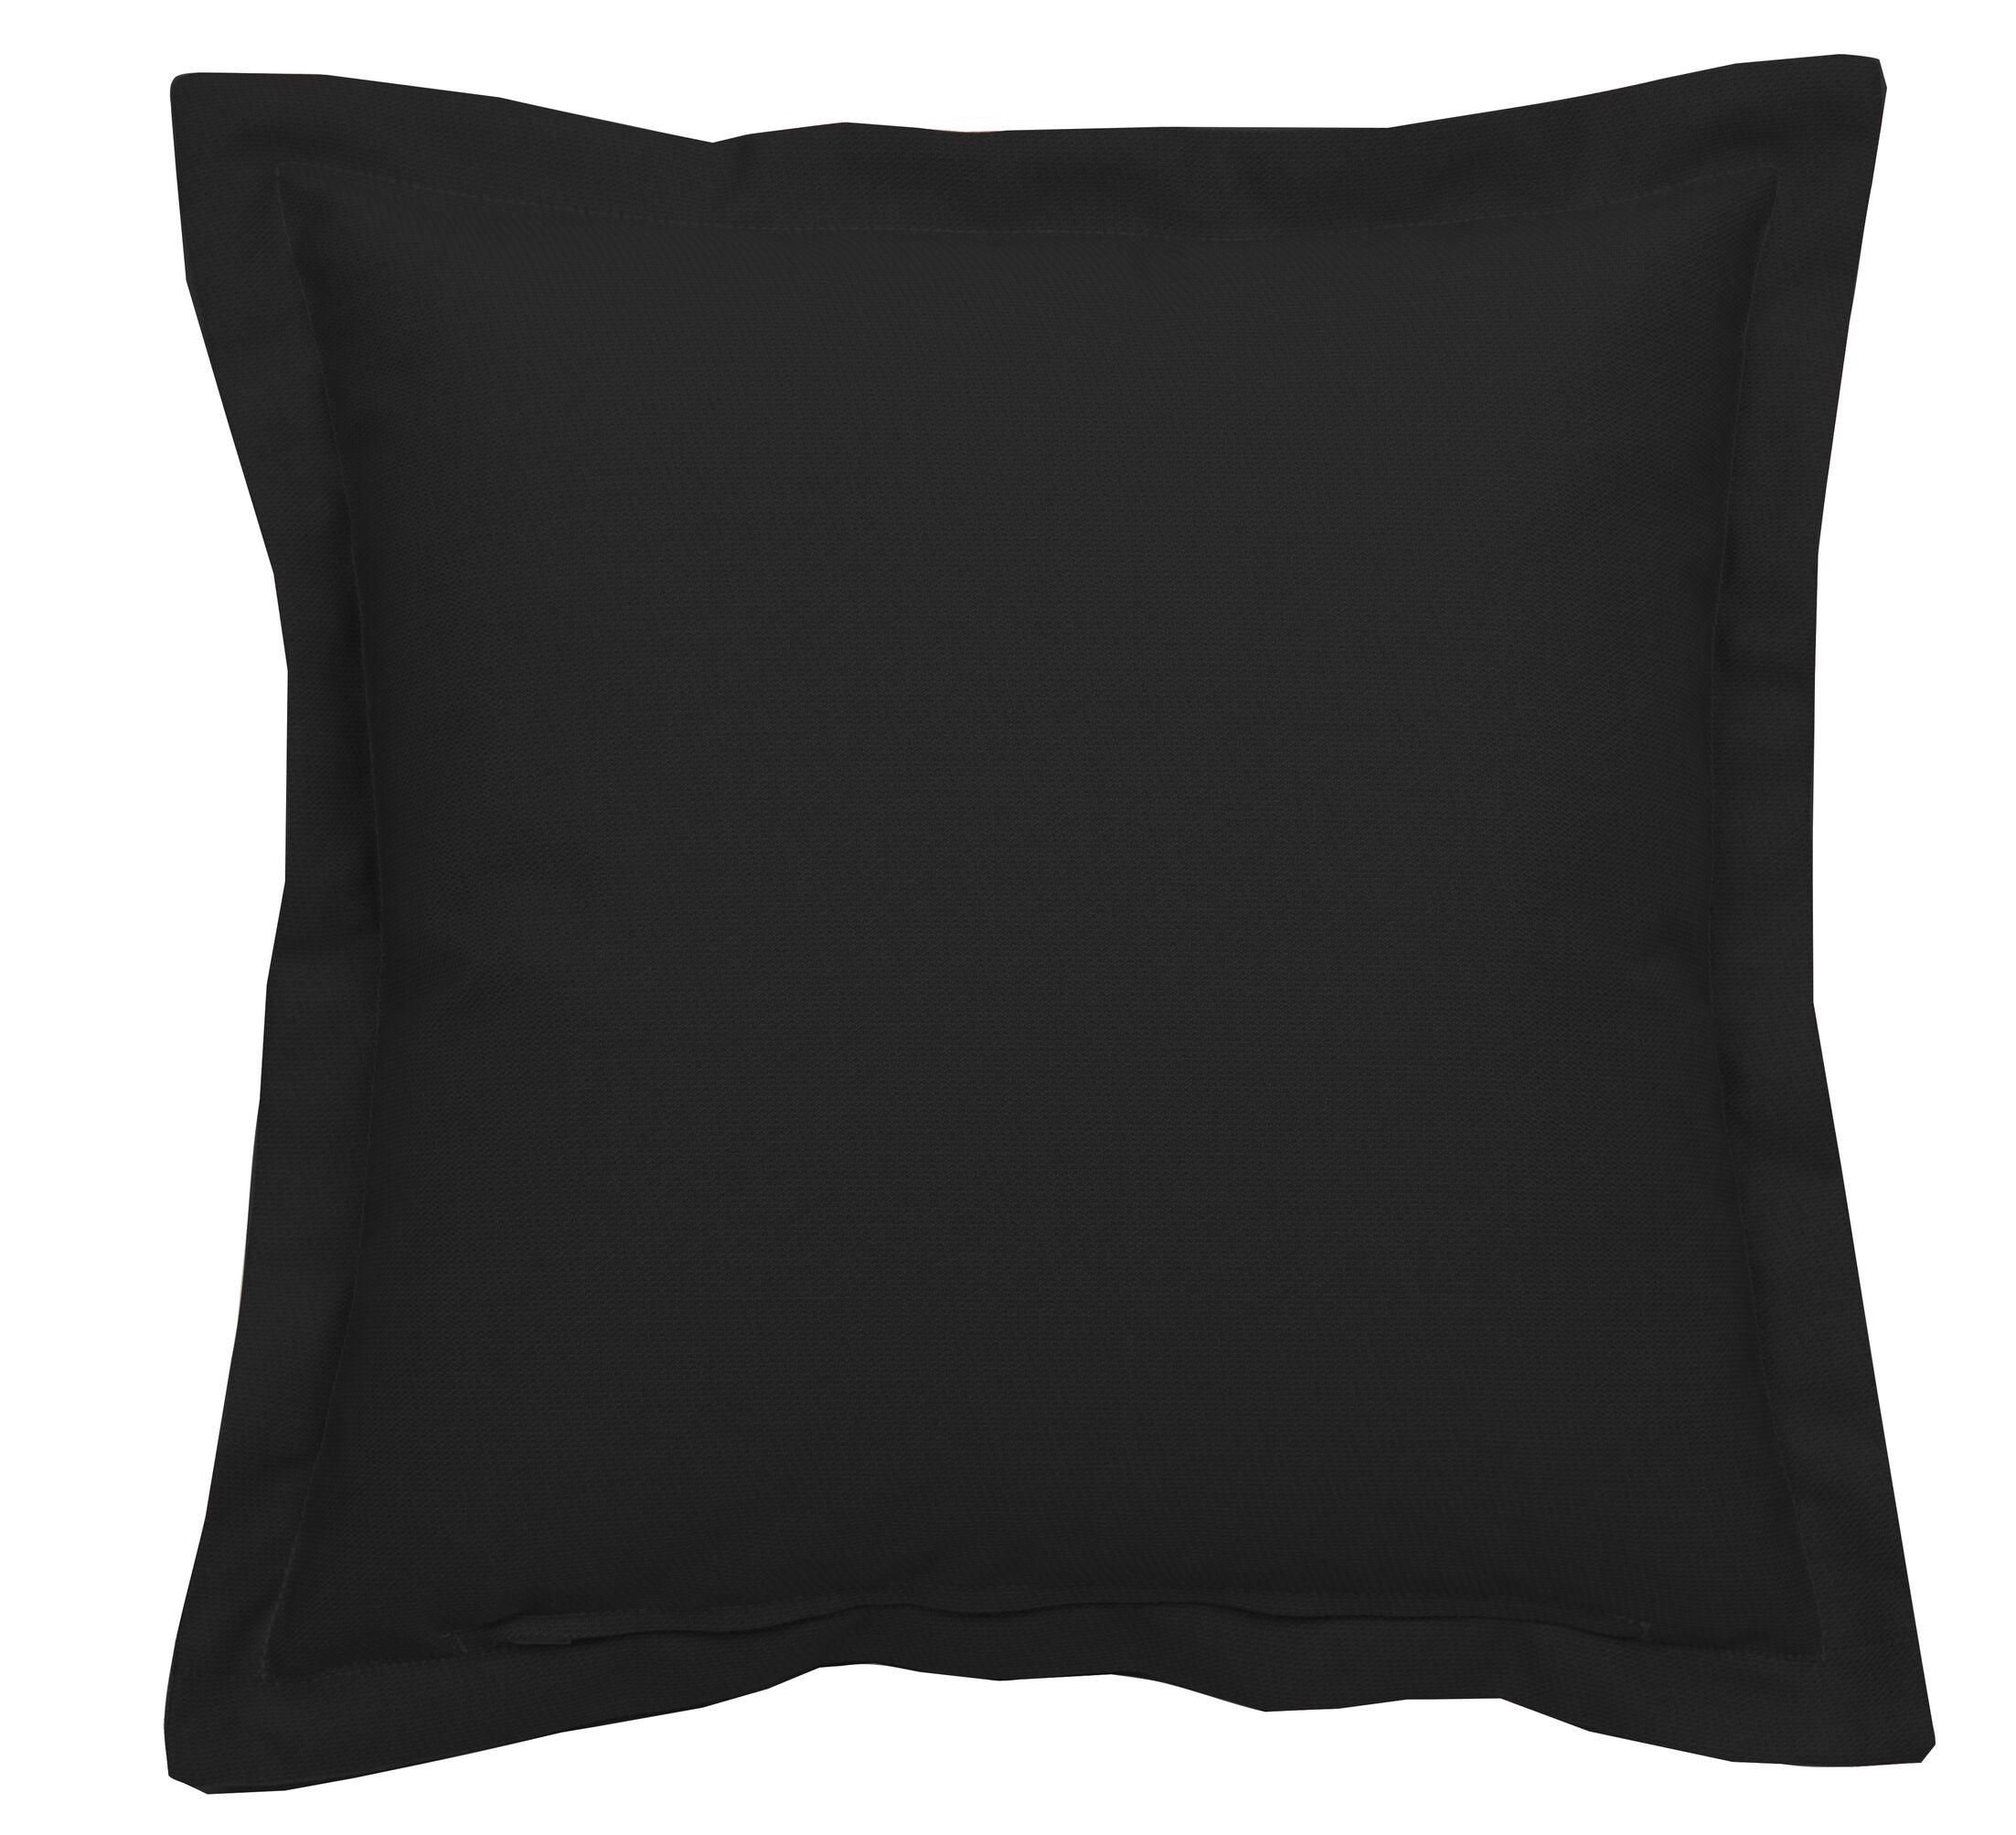 Linen Indoor/Outdoor Lumbar Pillow (Set of 2) Color: Snow